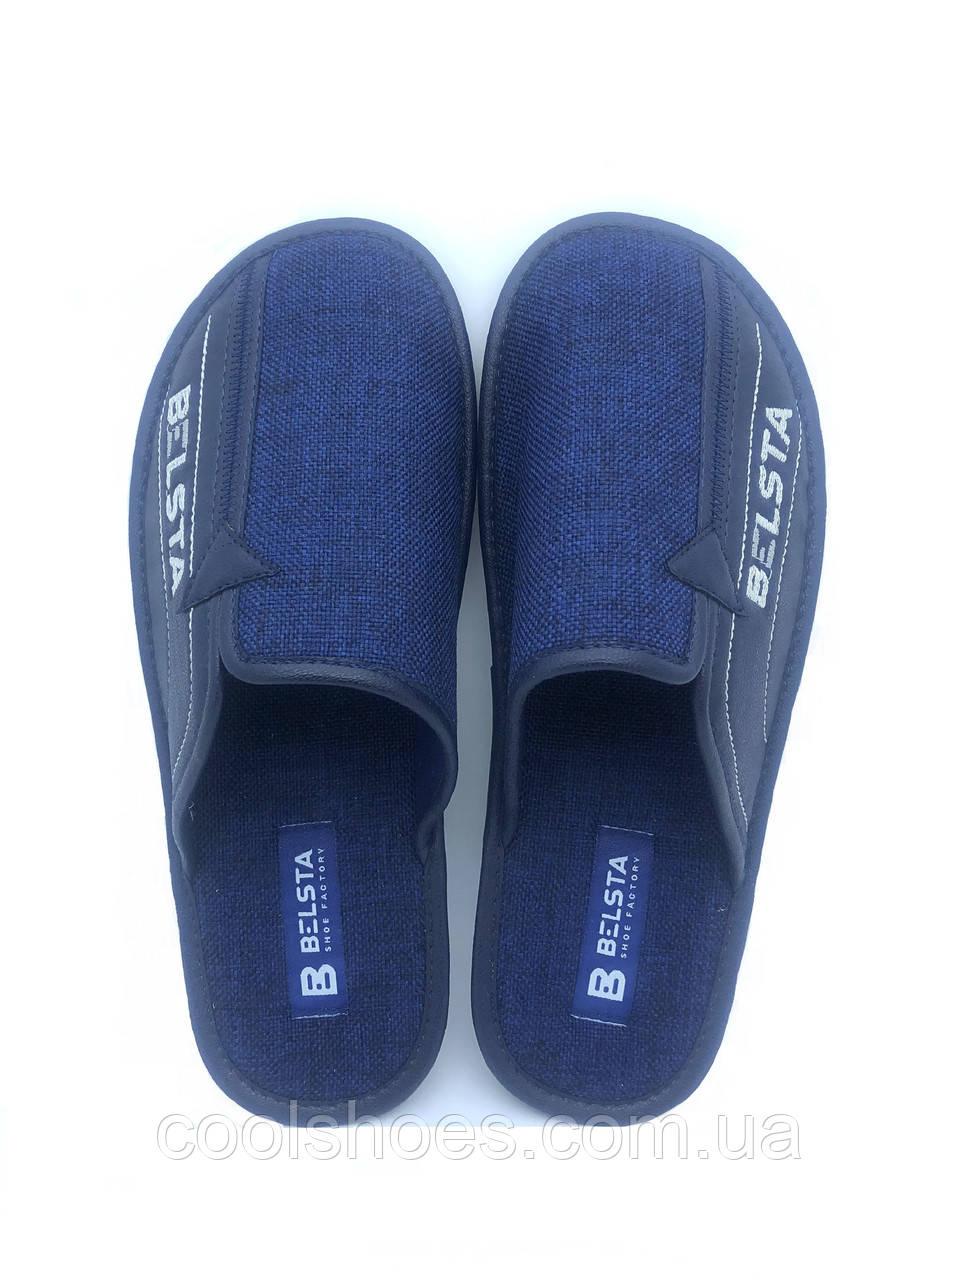 Мужские домашние тапочки Белста (Синие) 43